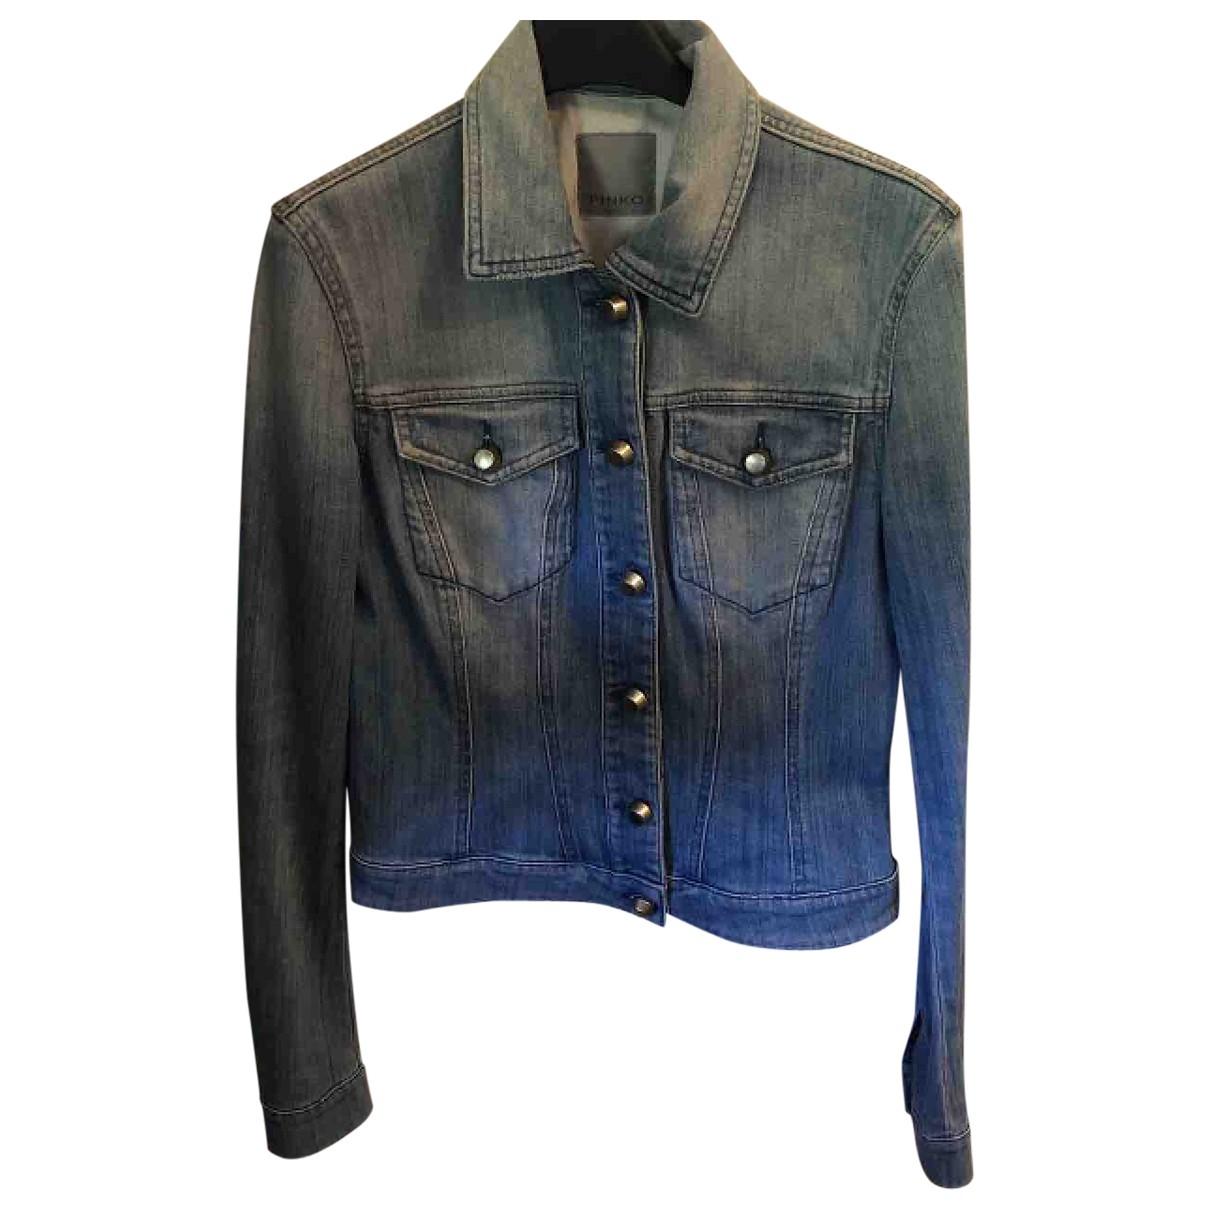 Pinko \N Denim - Jeans jacket for Women 44 IT